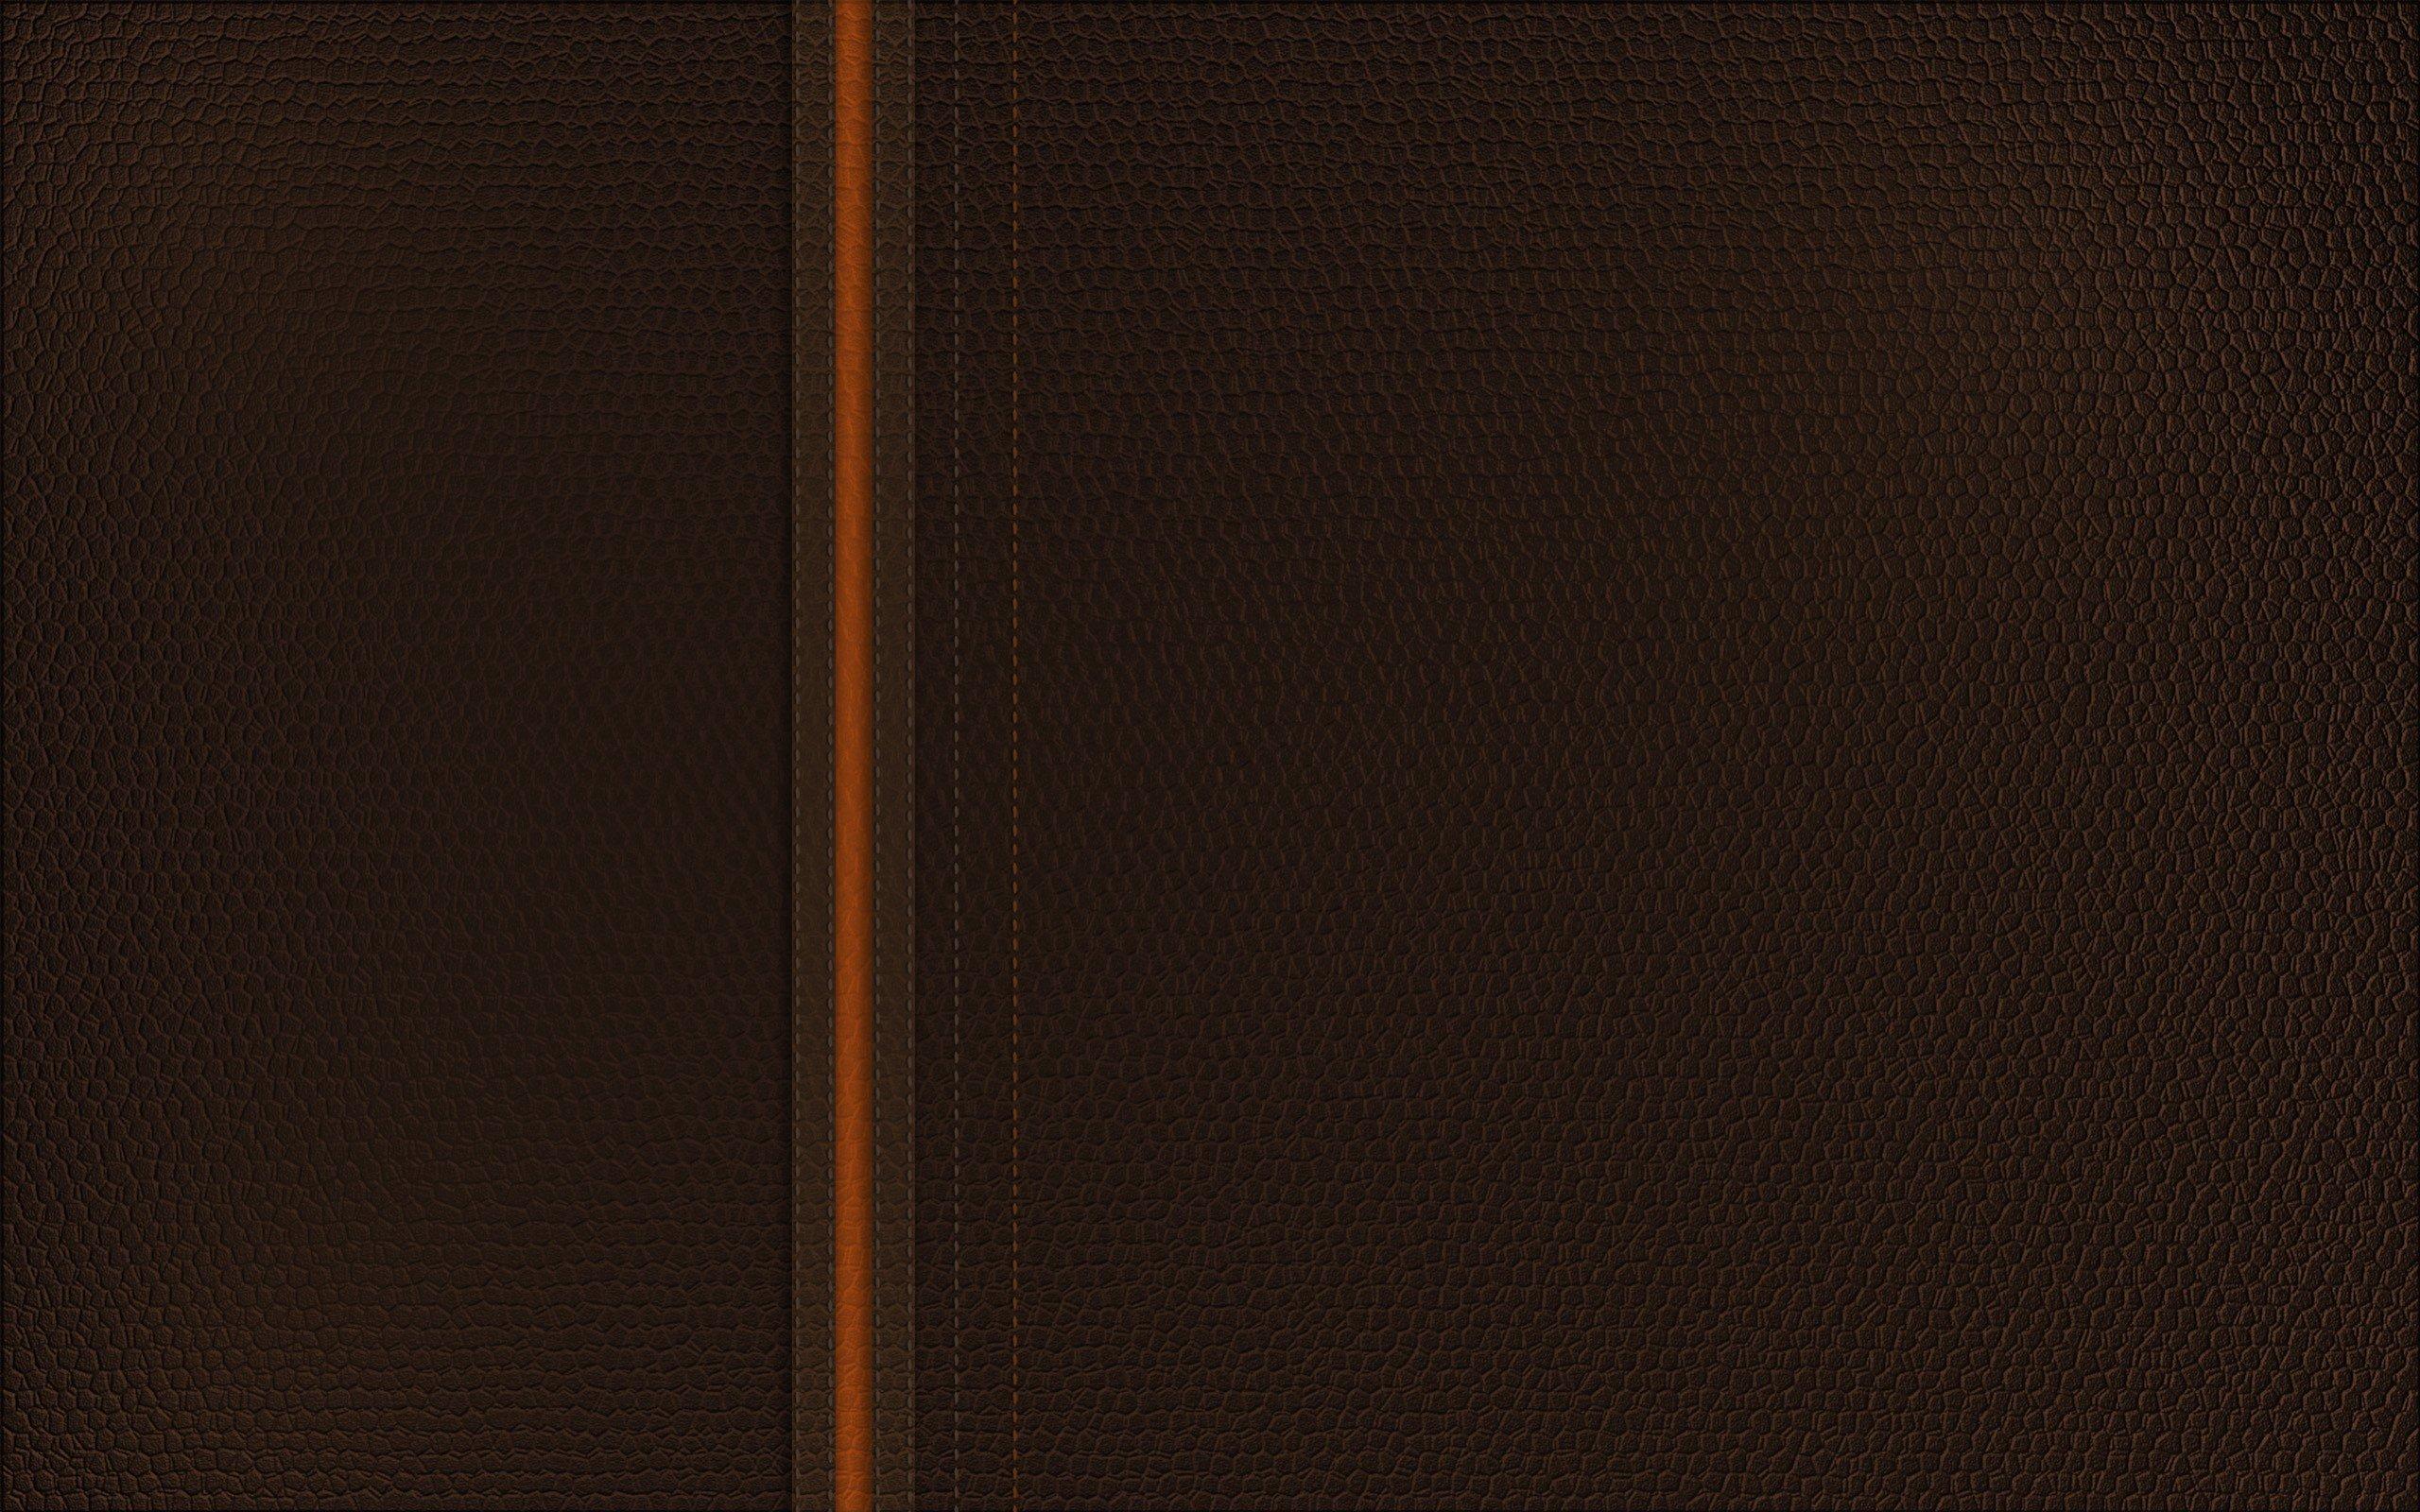 Brown Leather Wallpaper Wallpapersafari HD Wallpapers Download Free Images Wallpaper [1000image.com]